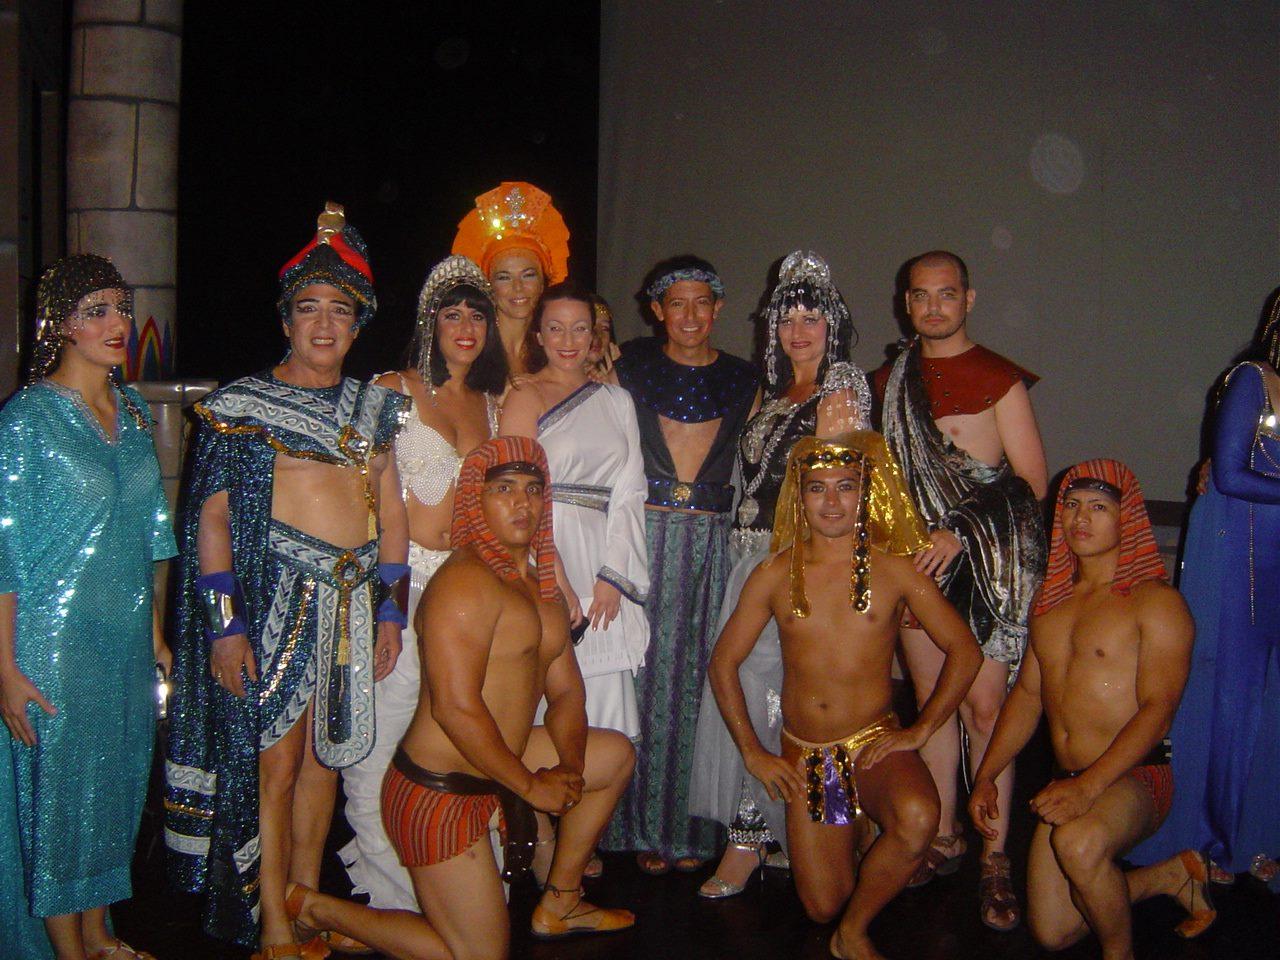 gioconda-soprano-lirico-en-el-teatro-nacional-ruben-dario-sarzuela-la-corte-del-faraon